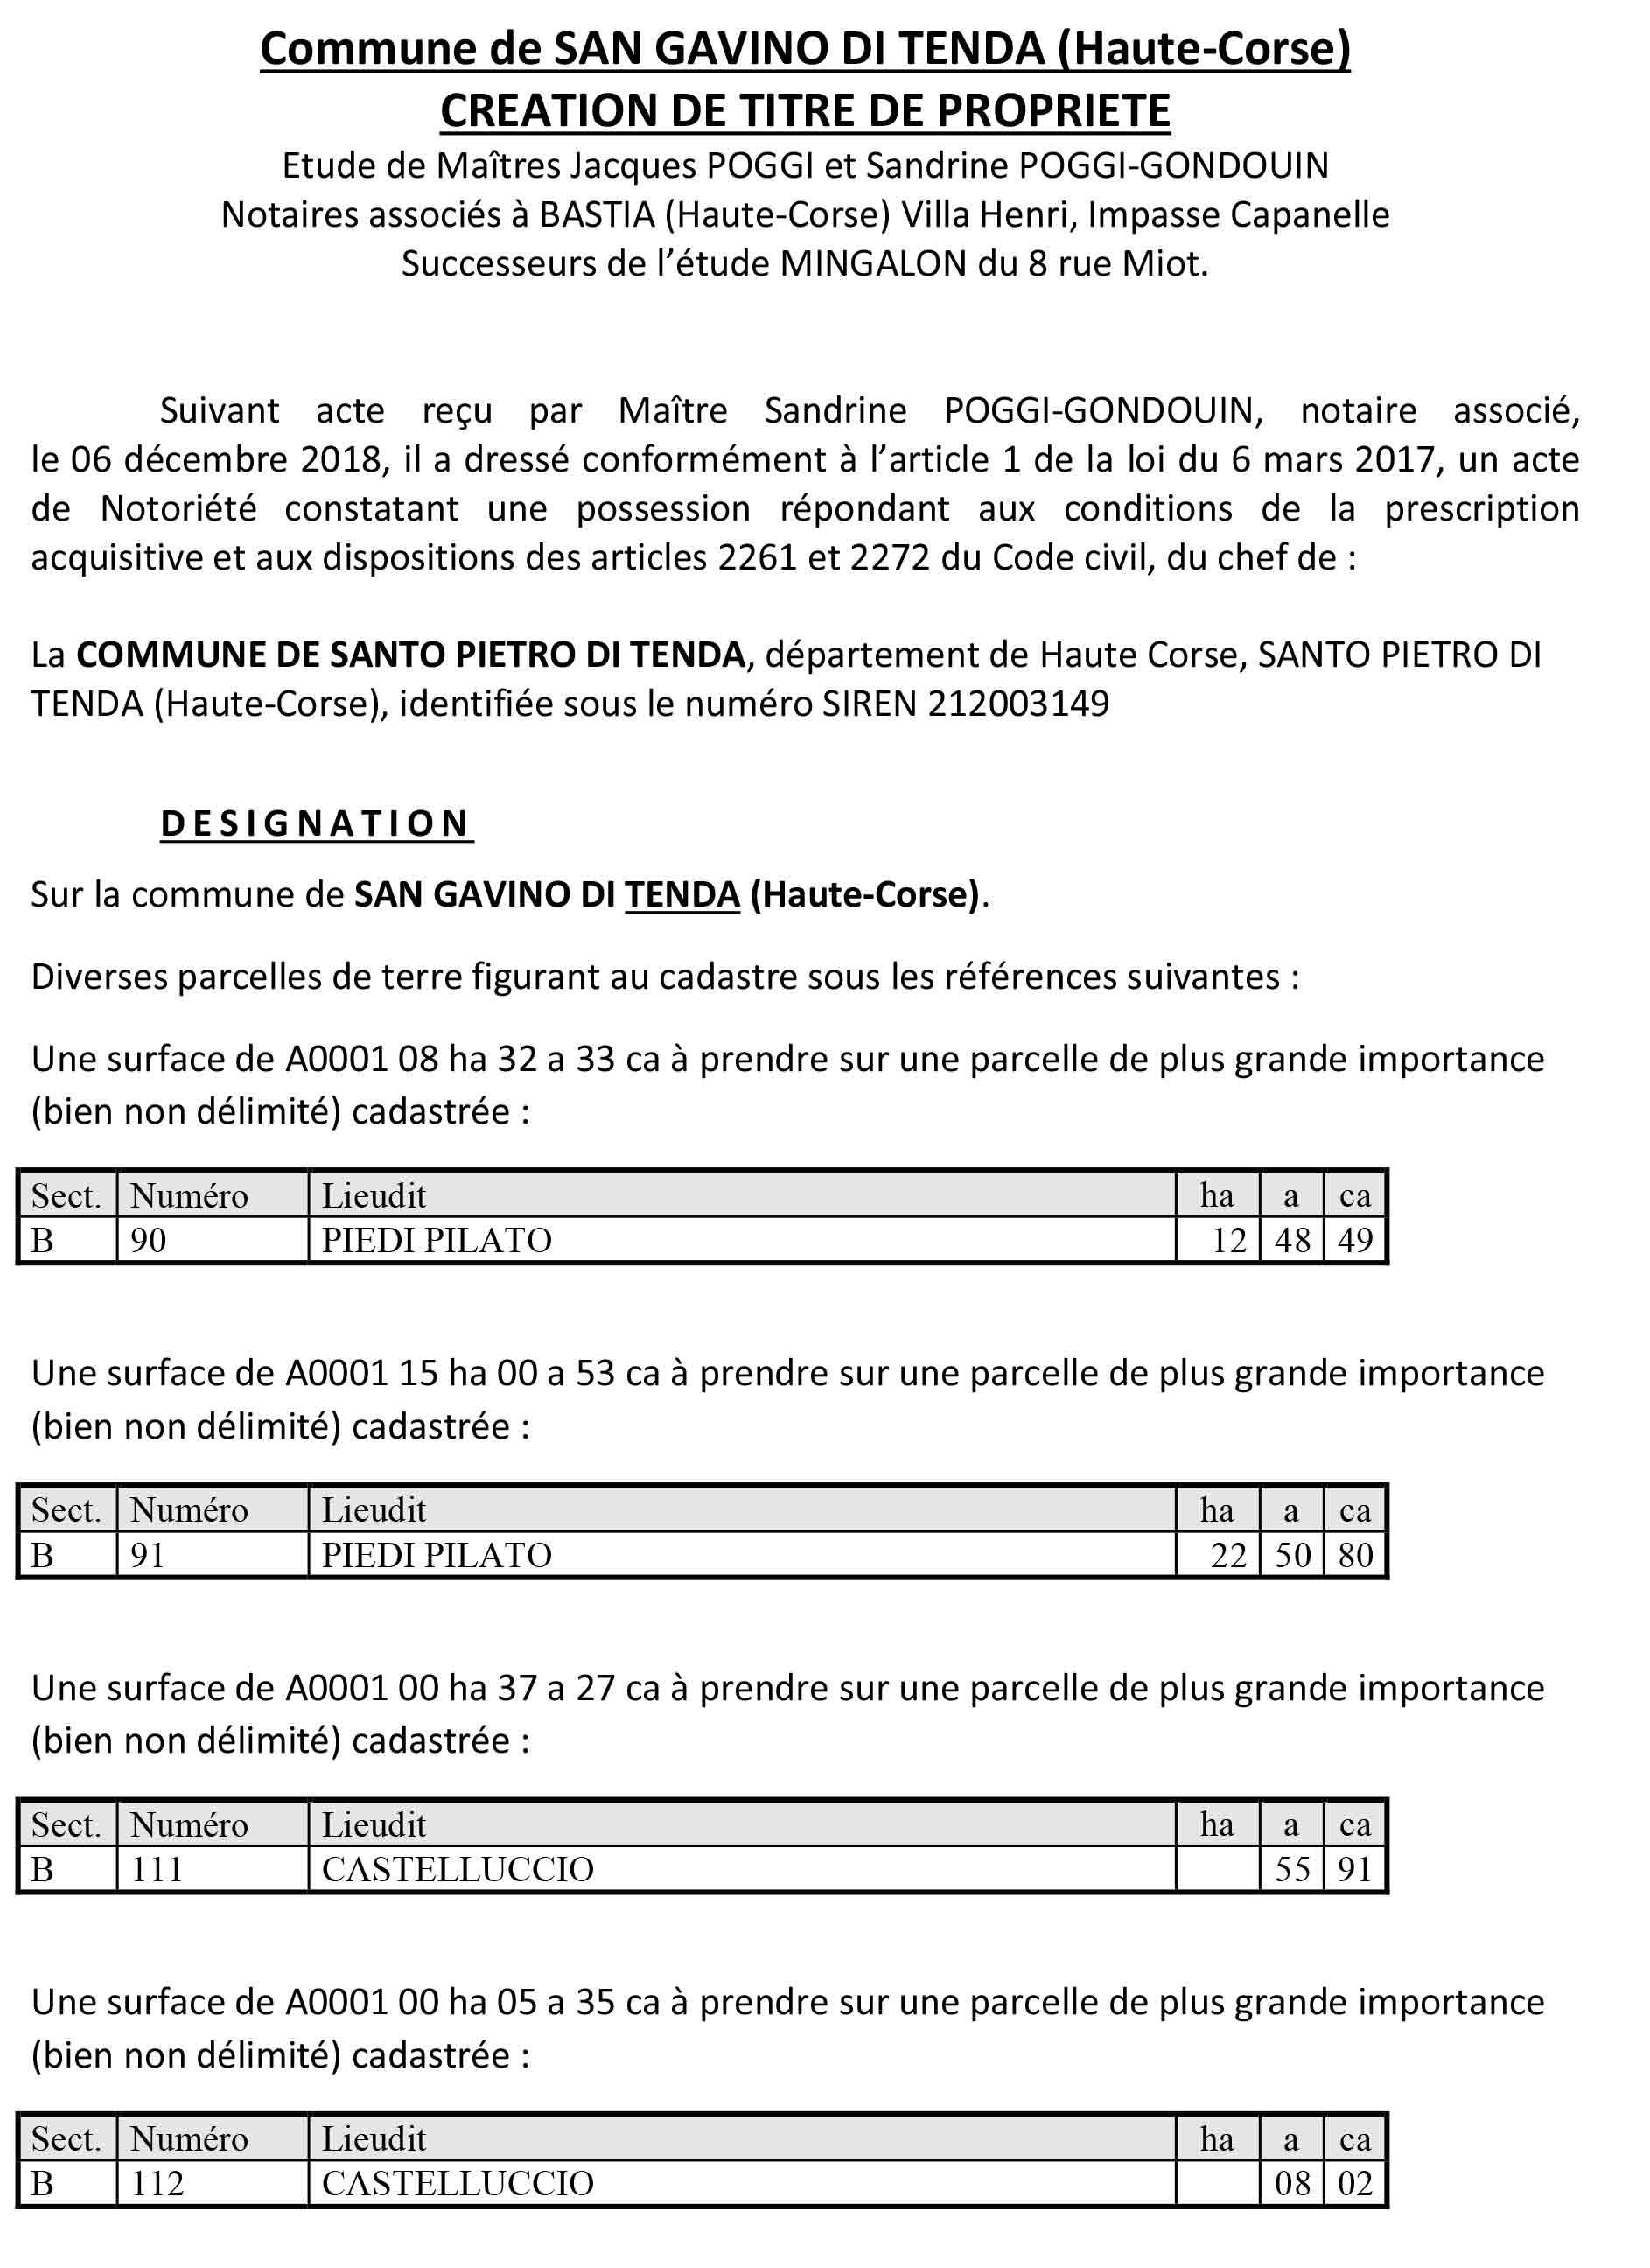 Avis de création de titre de propriété - commune de San Gavino di Tenda (Haute-Corse)